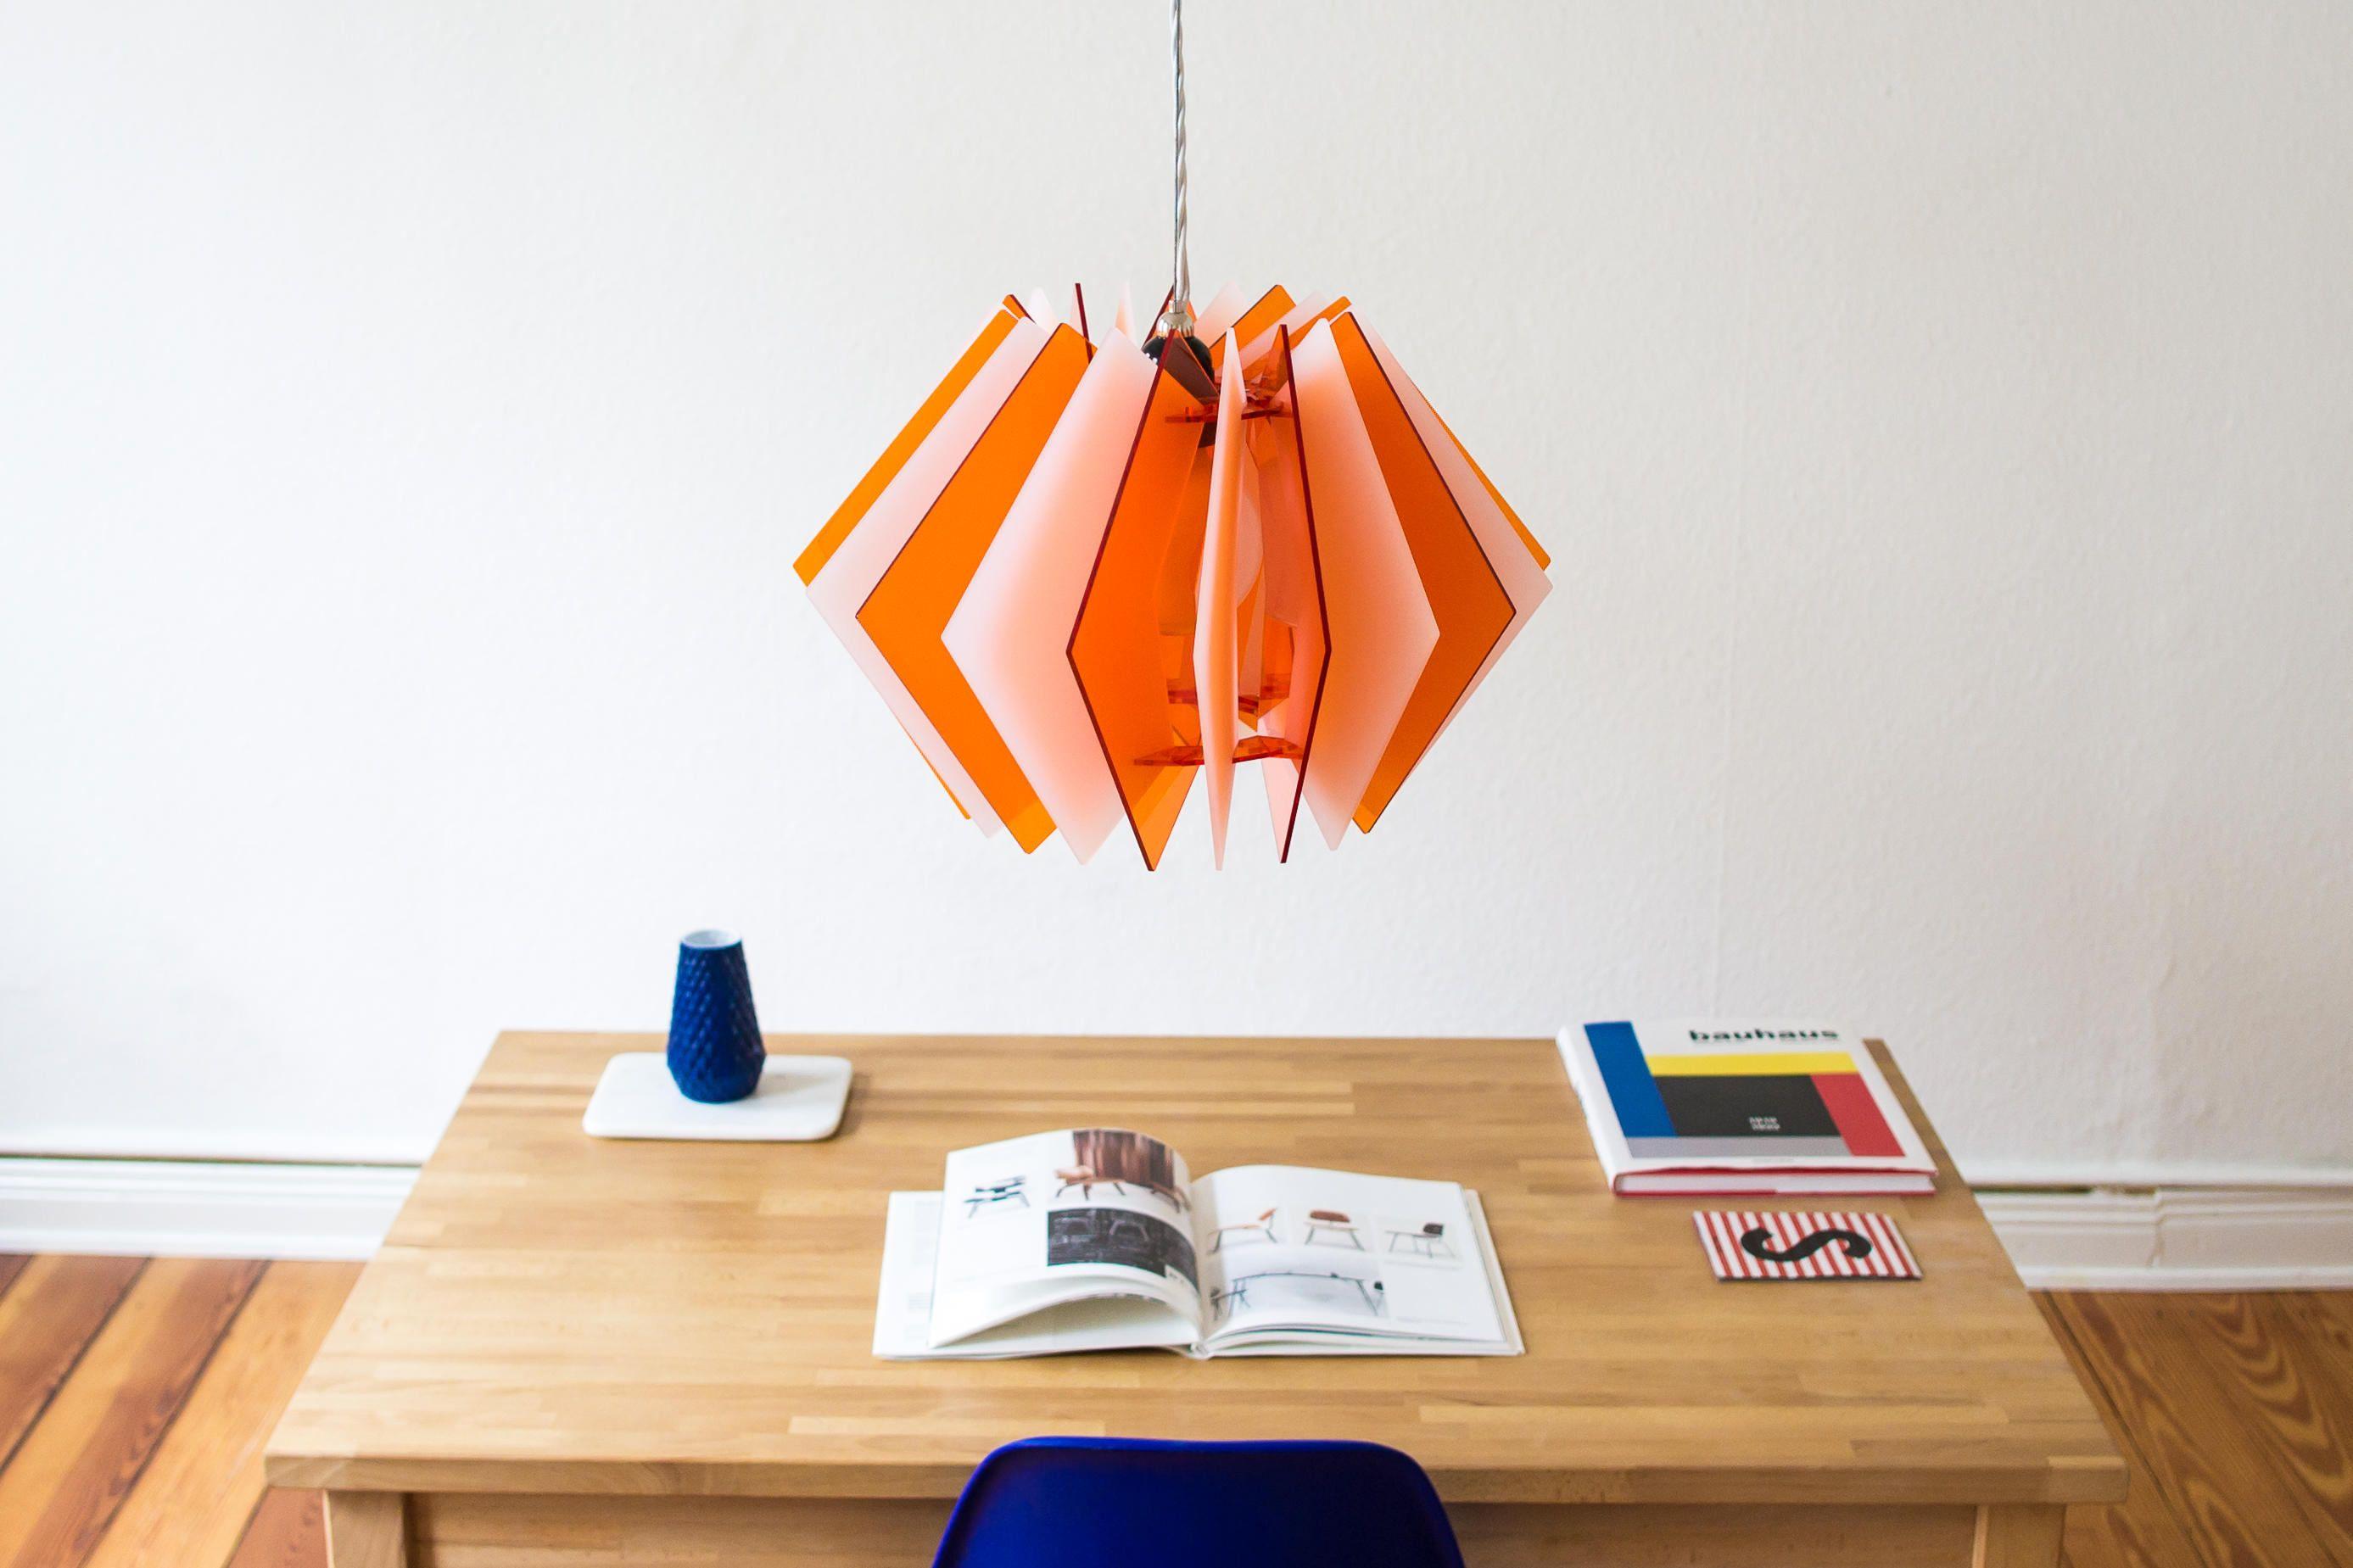 Die L16 Lampen Serie ist eine dekorative und handgefertigte Acrylglas Designer Lampe in moderner Optik